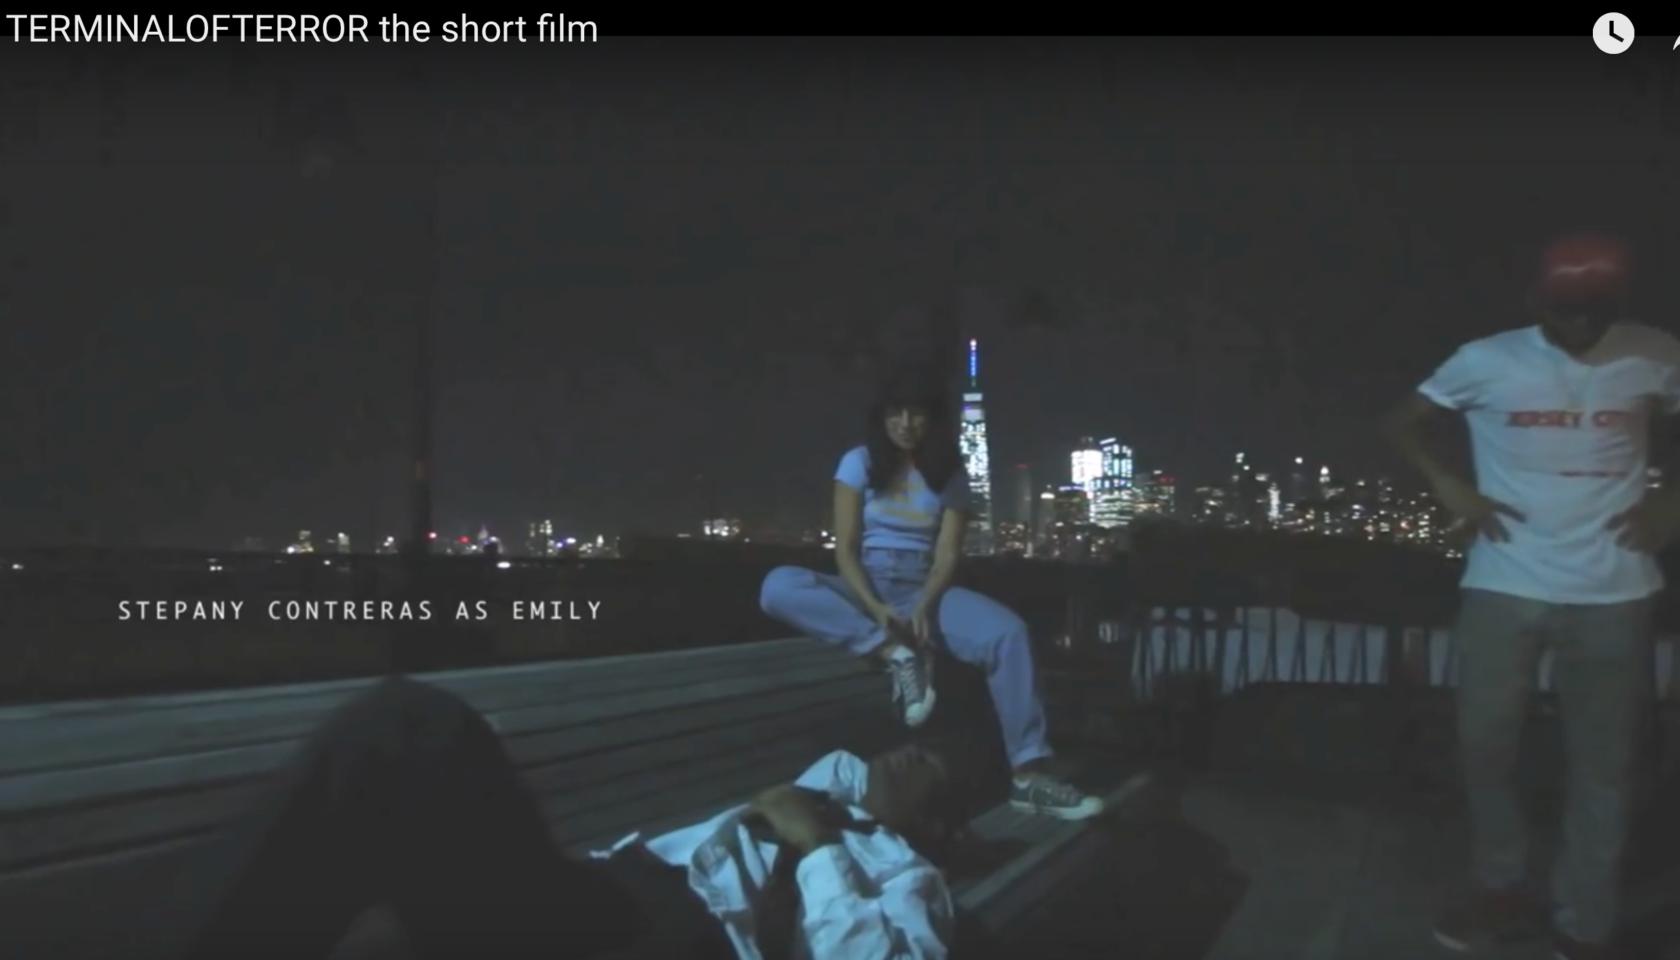 Terminal of Terror PT 1: The Short Film